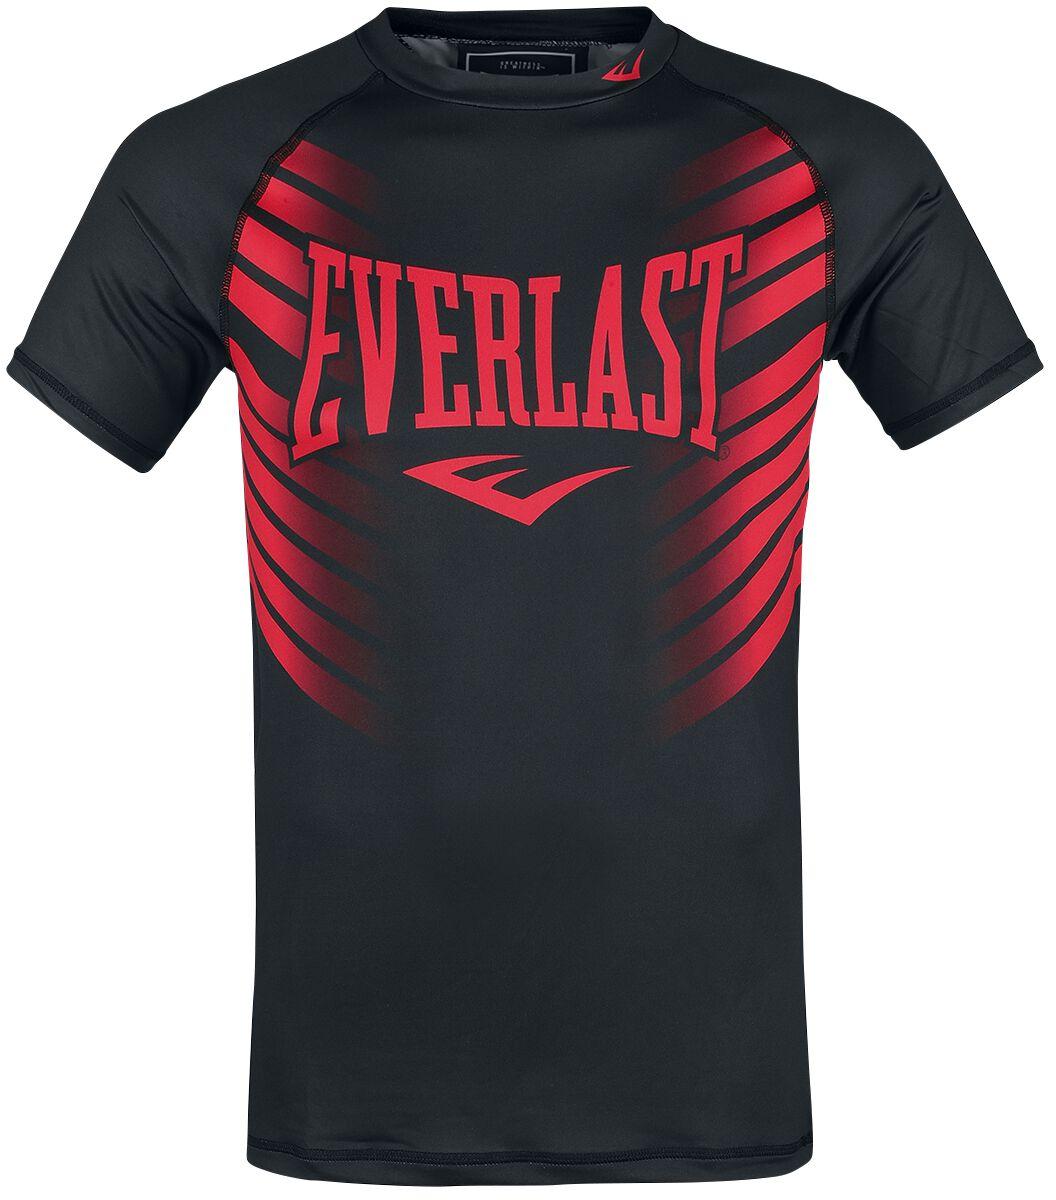 Everlast Hirataka T-Shirt schwarz rot 788500-60 red/black